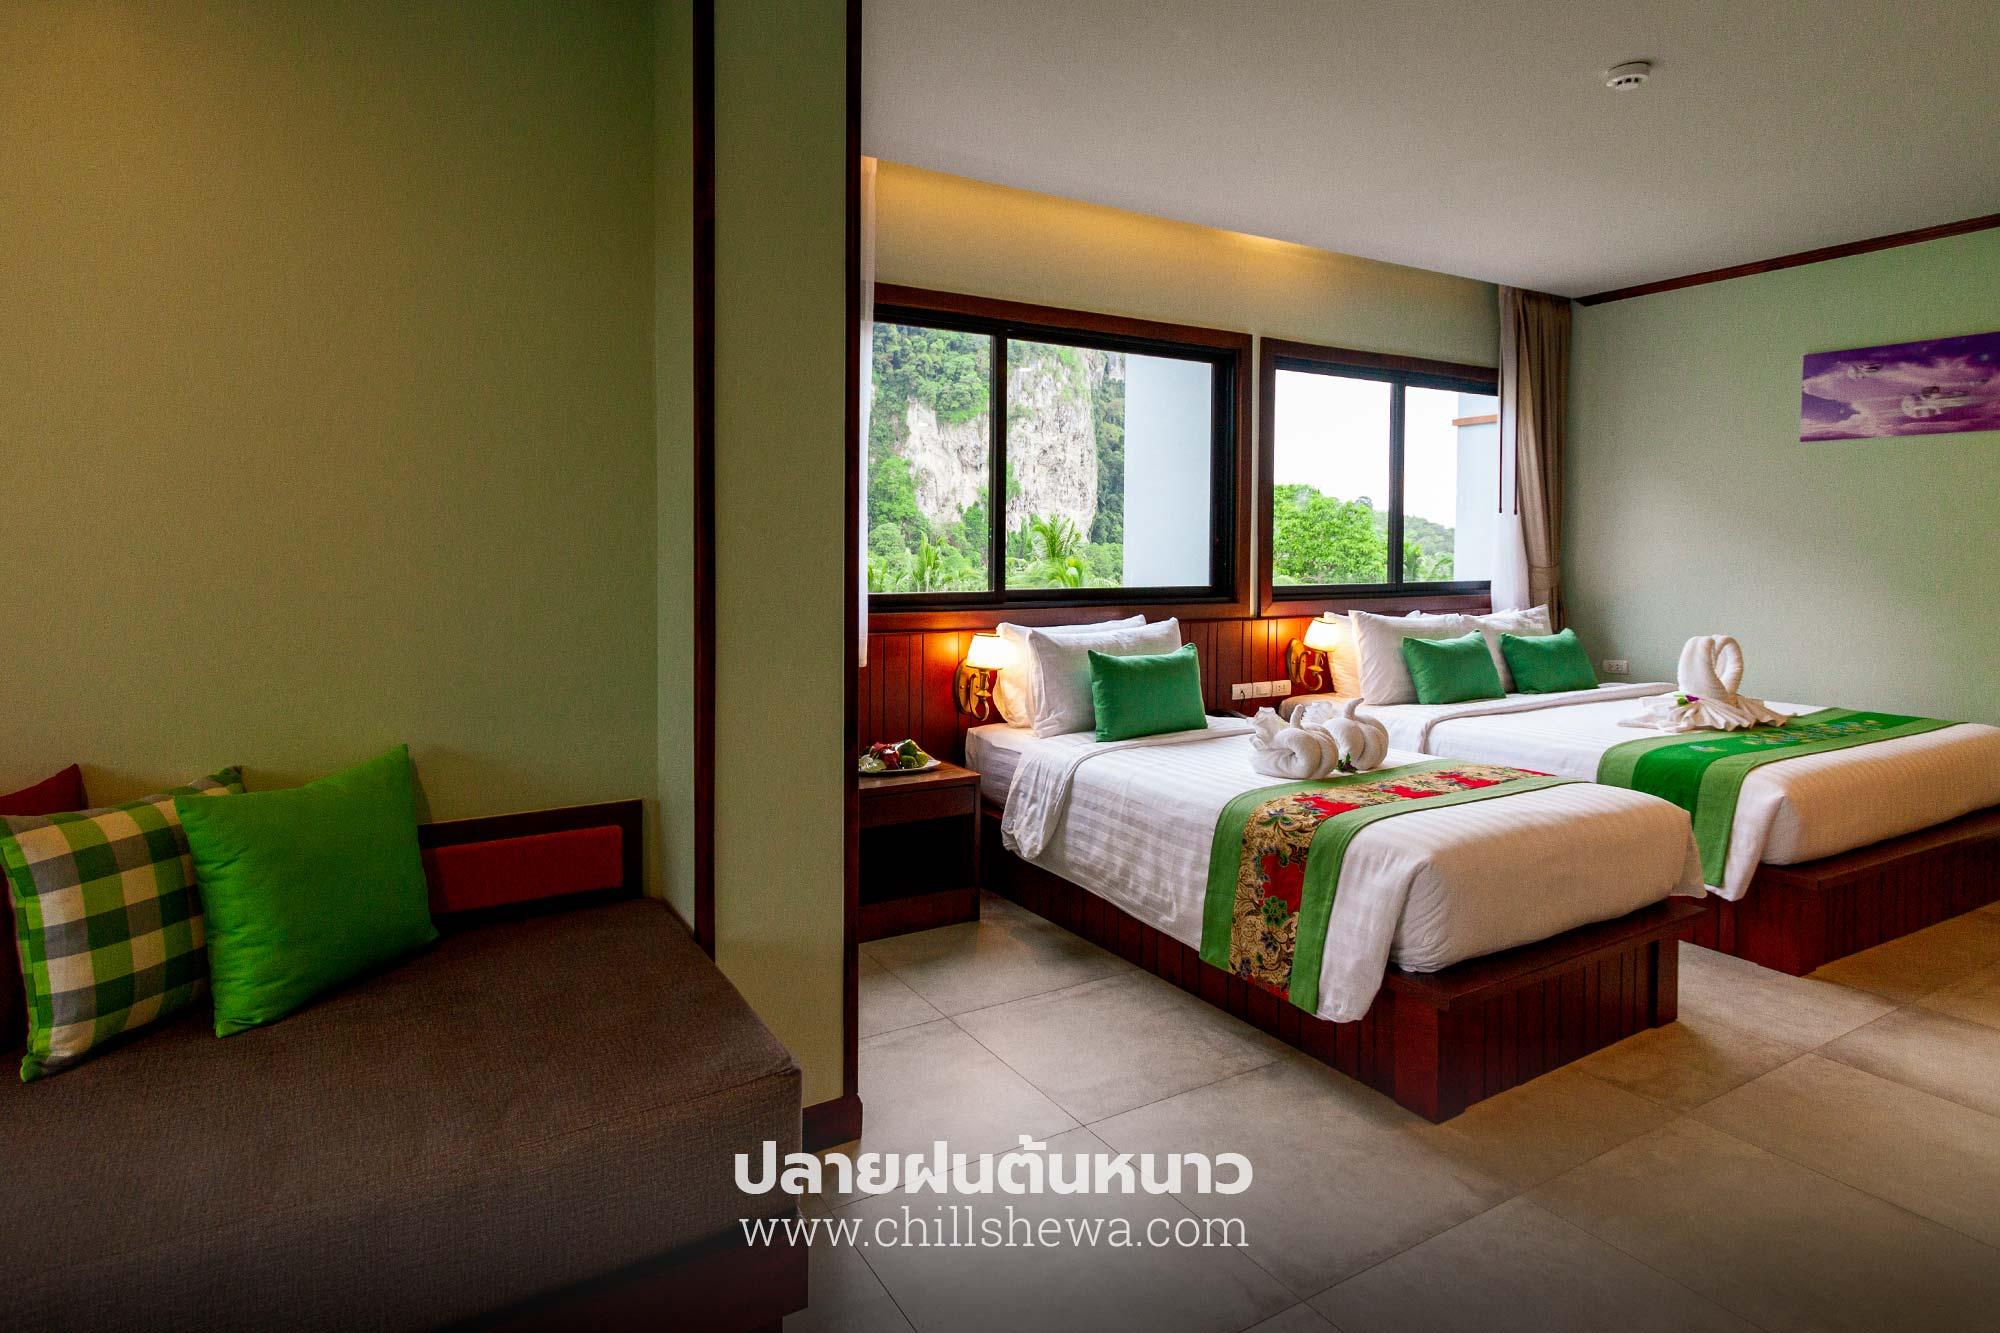 ANDAMAN BREEZE RESORT อันดามัน บรีซ รีสอร์ท อ่าวนาง กระบี่ อันดามัน บรีซ รีสอร์ท Andaman Breeze Resort อ่าวนาง กระบี่ ANDAMAN BREEZE RESORT 02